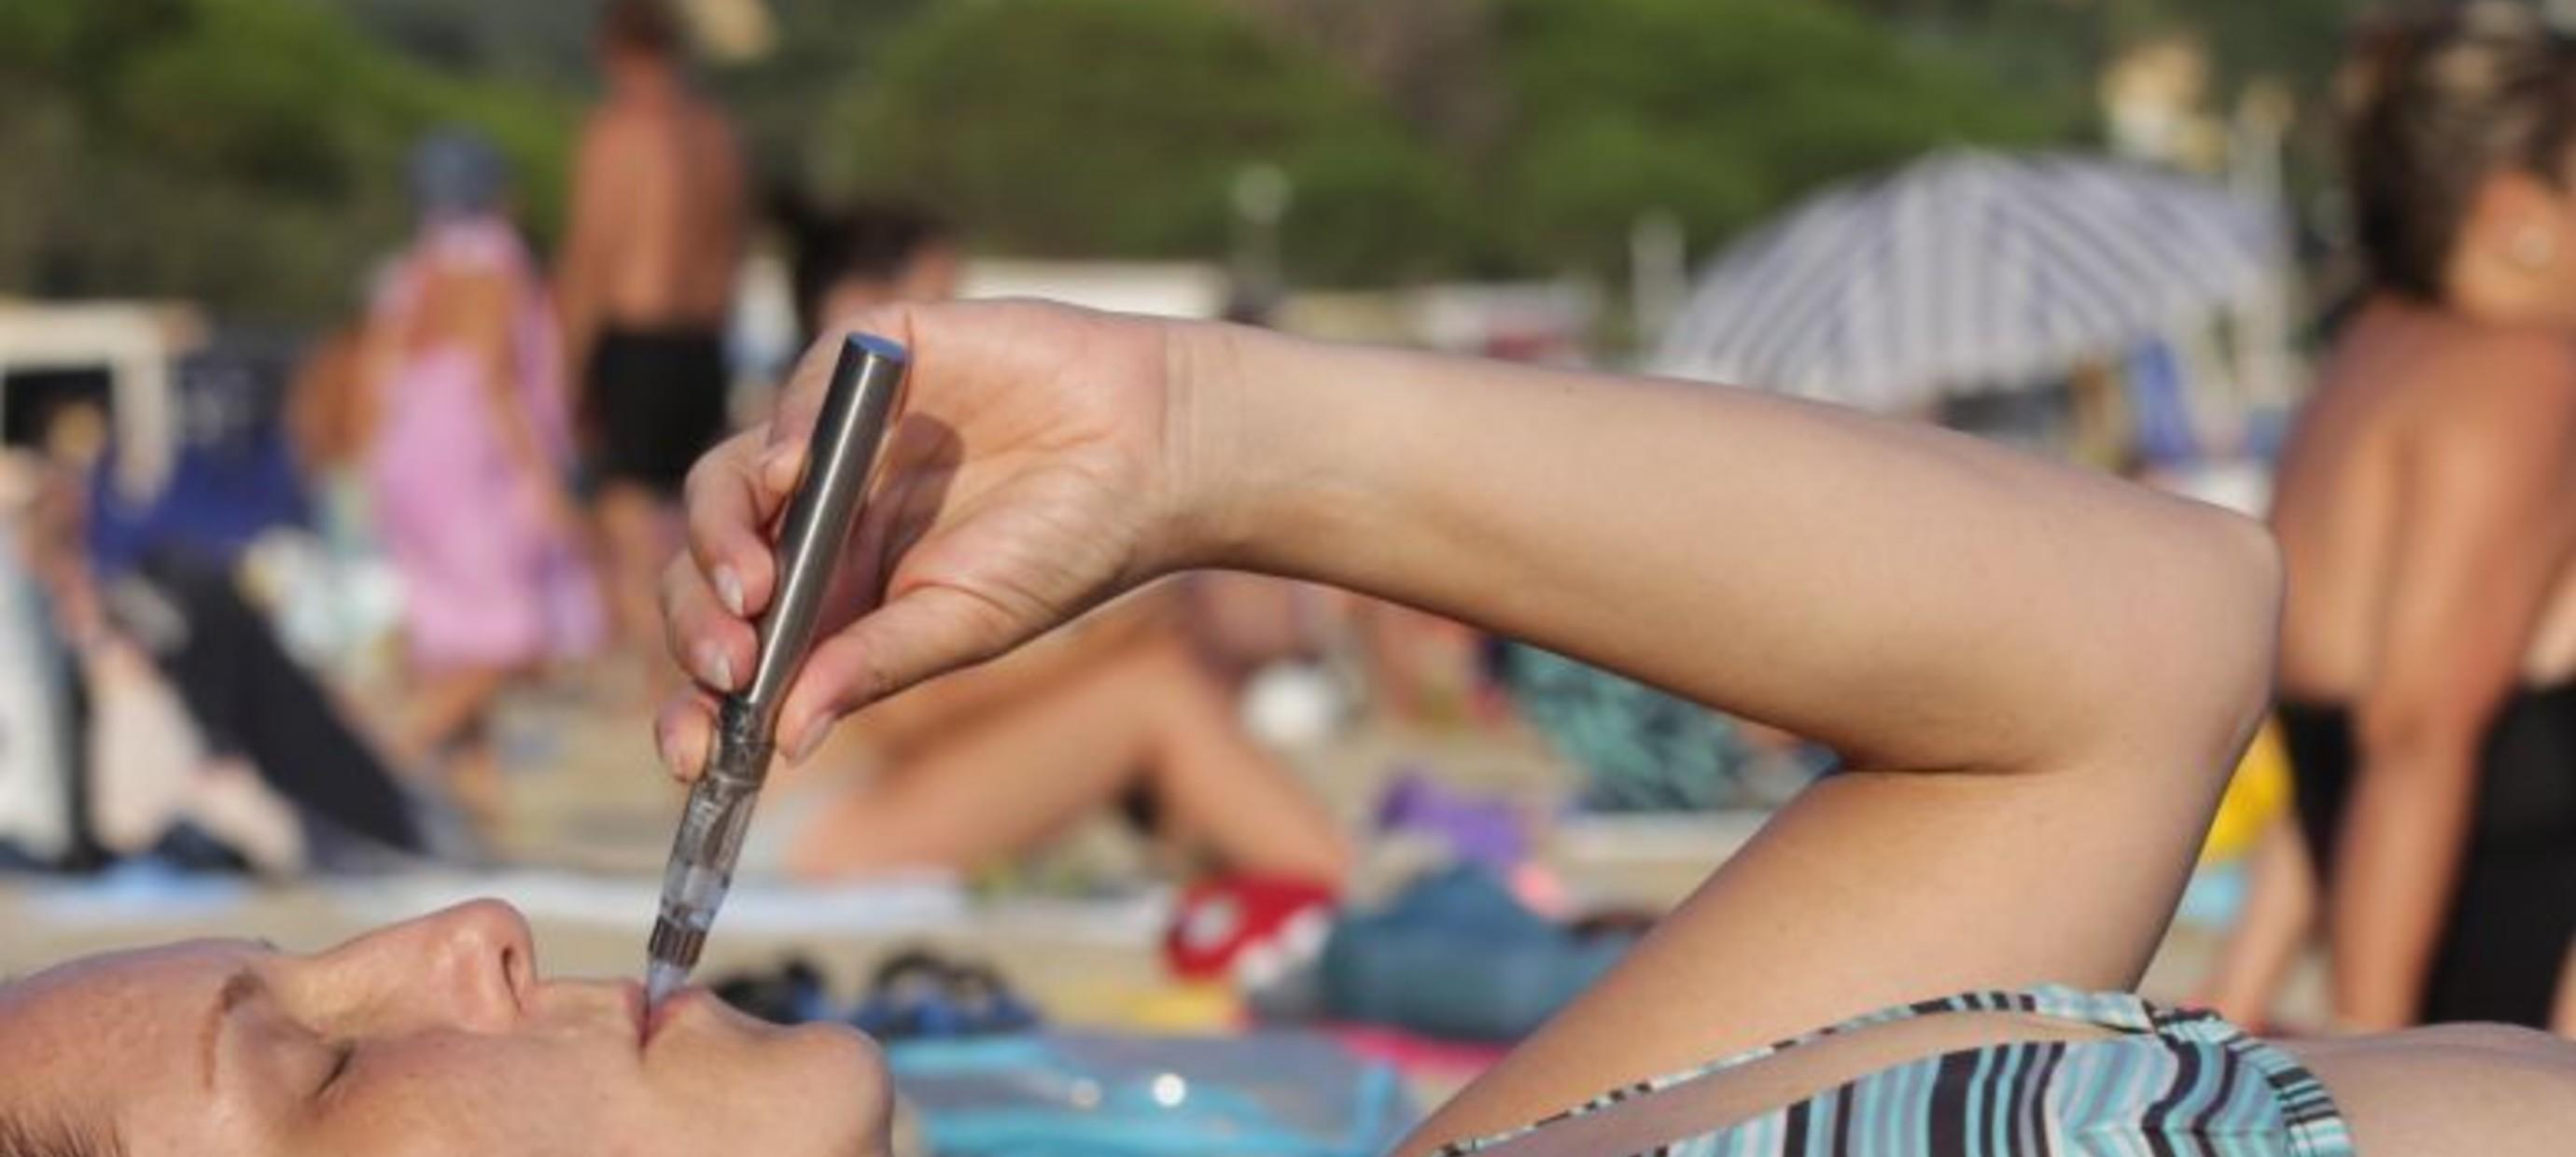 Wichtige Frage: Ist meine E-Zigarette im Urlaubsziel überhaupt erlaubt?